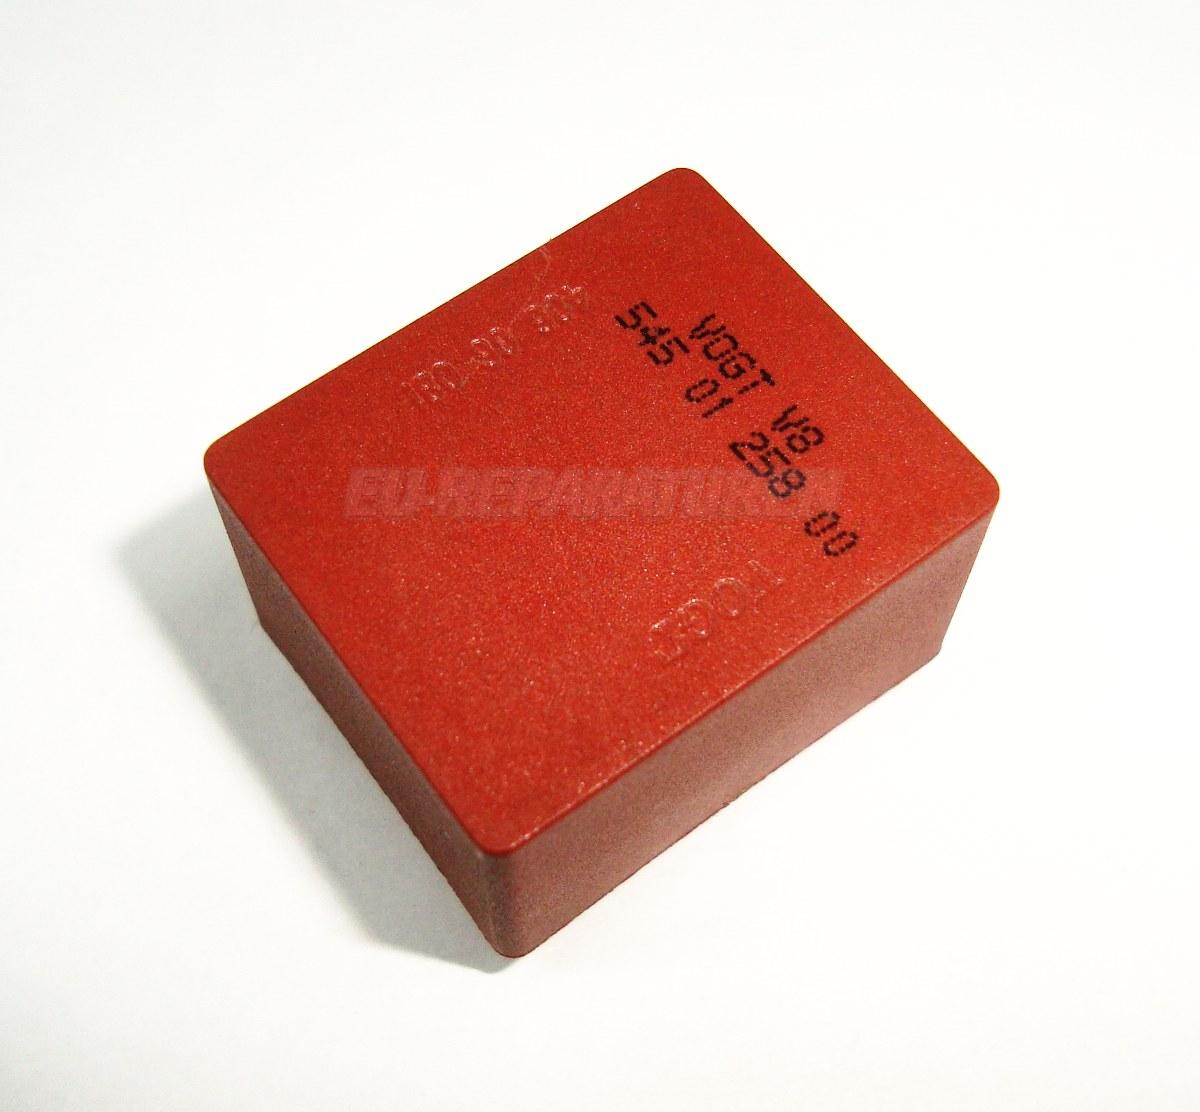 VORSCHAU: VOGT 5450125800 TRANSFORMATOR